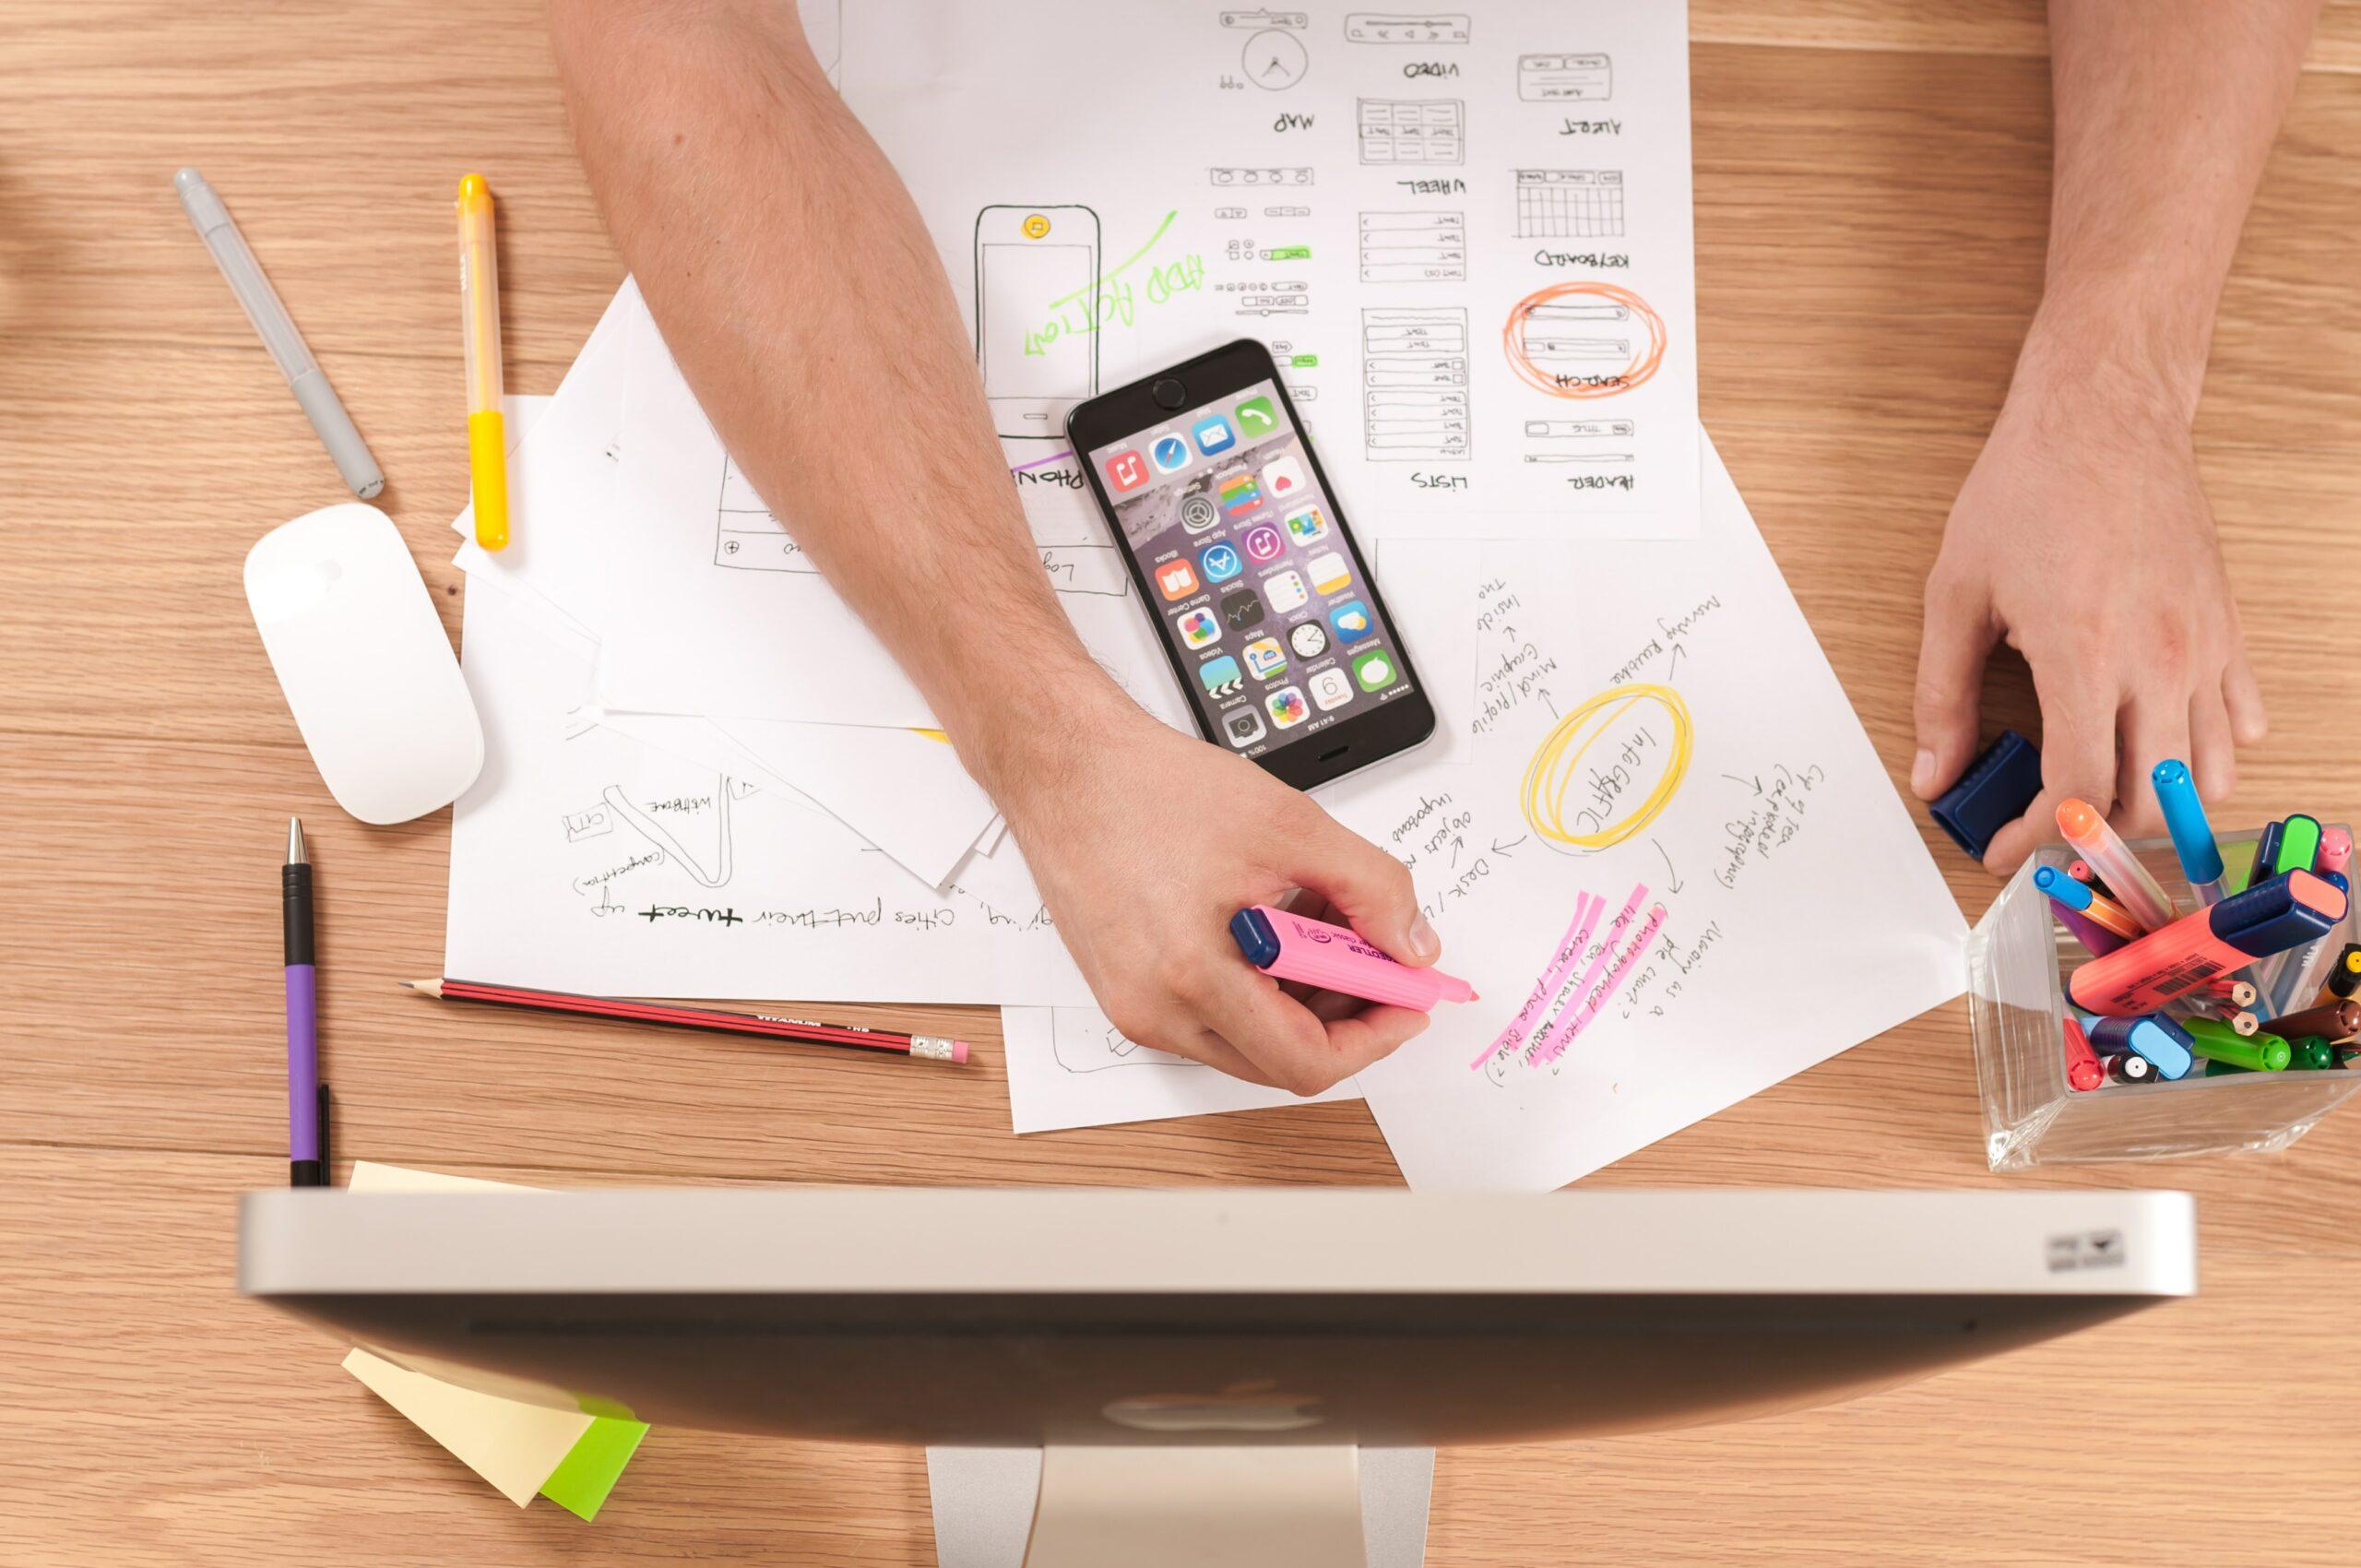 Bild eines digitalen Arbeitsplatzes